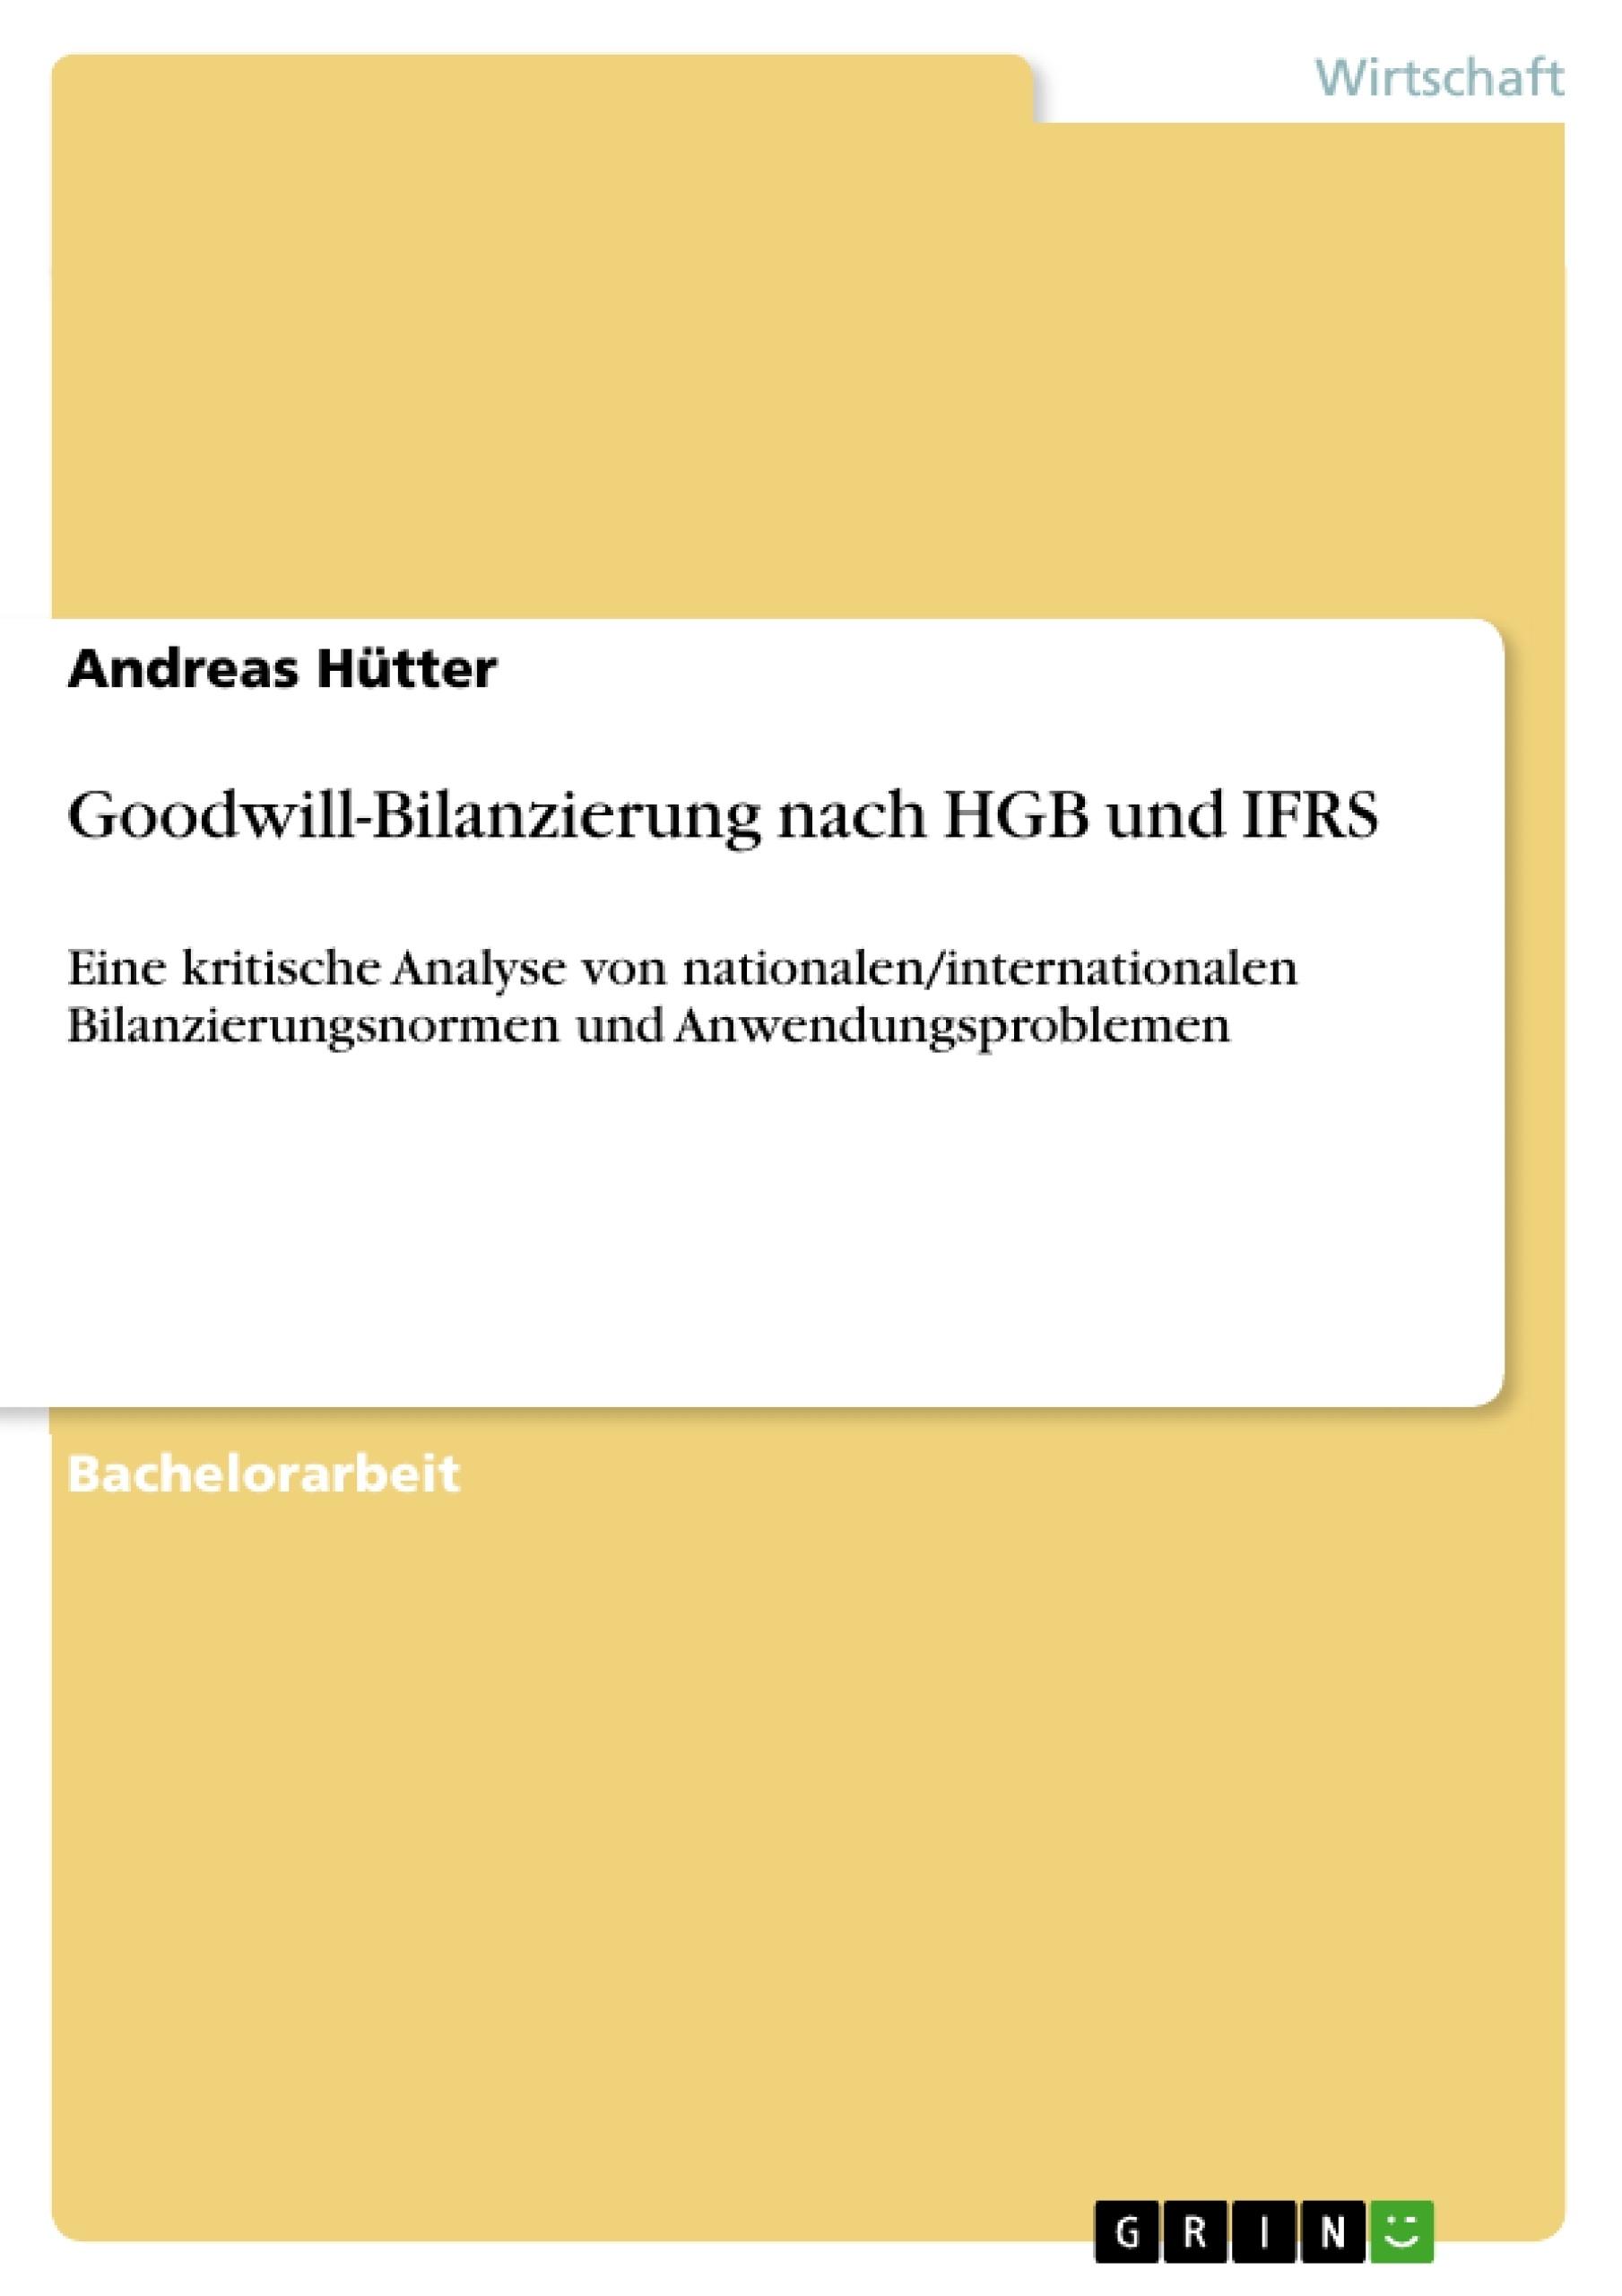 Titel: Goodwill-Bilanzierung nach HGB und IFRS